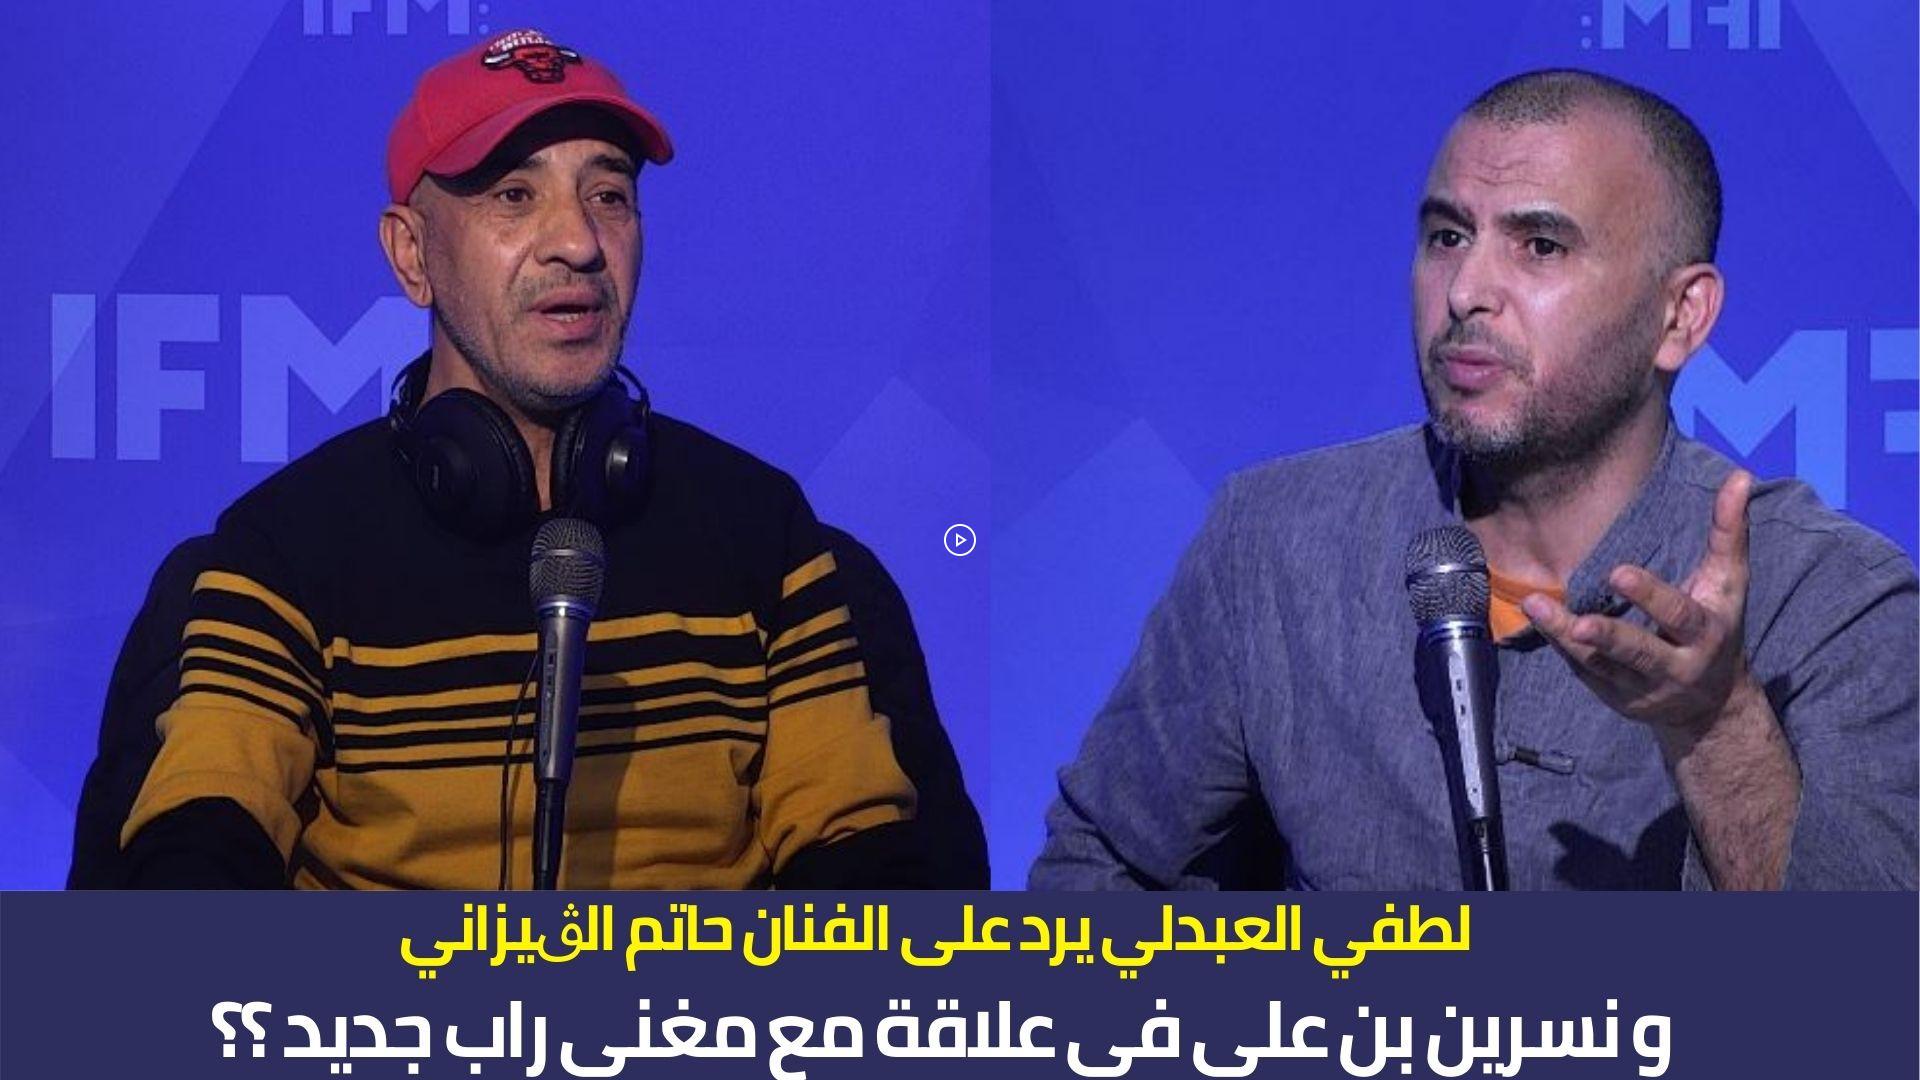 لطفي العبدلي يرد على الفنان حاتم الڨيزاني... و نسرين بن علي في علاقة مع مغني راب جديد ؟؟